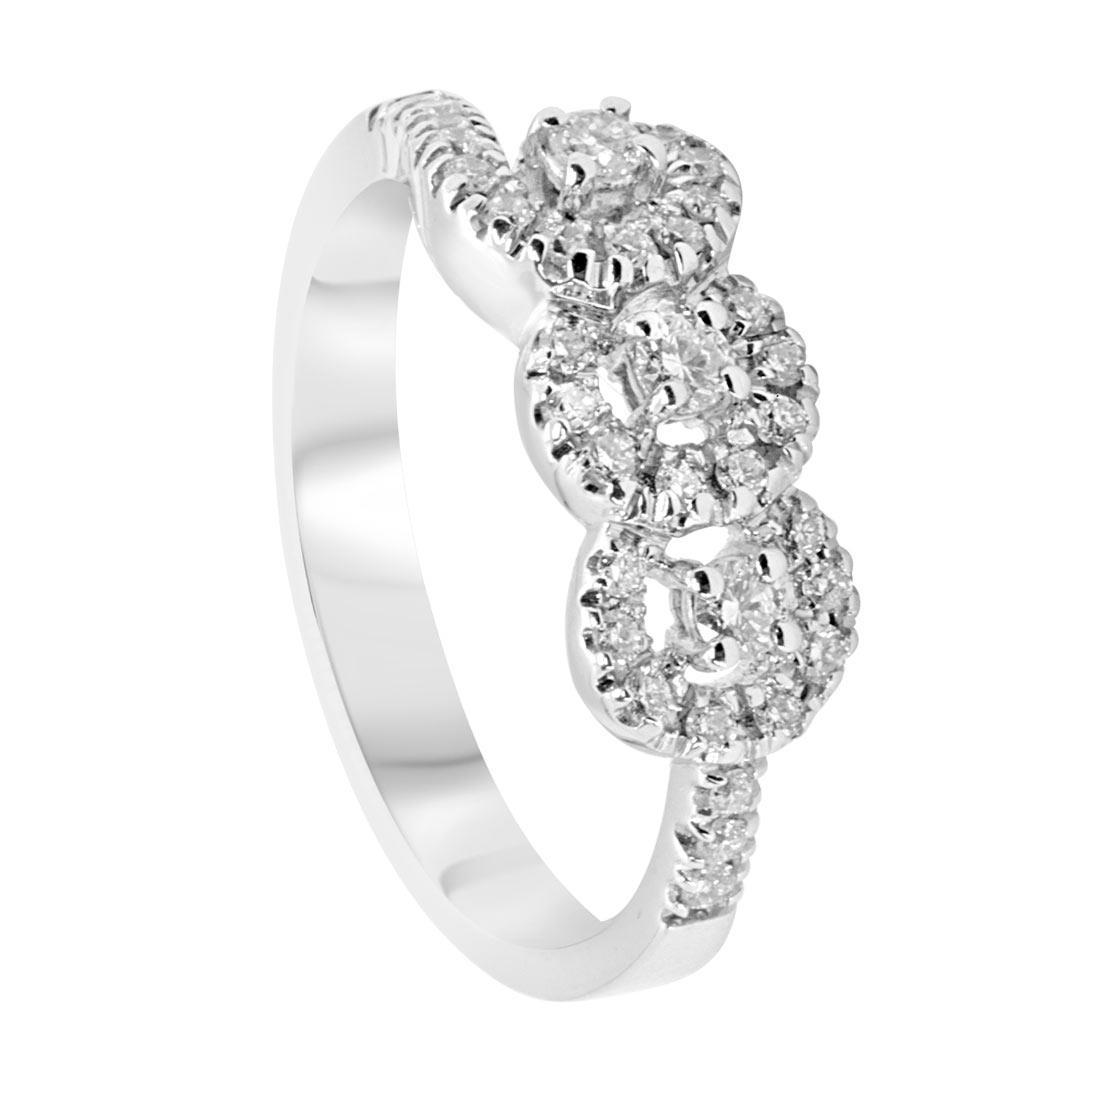 Anello veretta in oro bianco con diamanti 0,38 ct mis 13 - ALFIERI ST JOHN